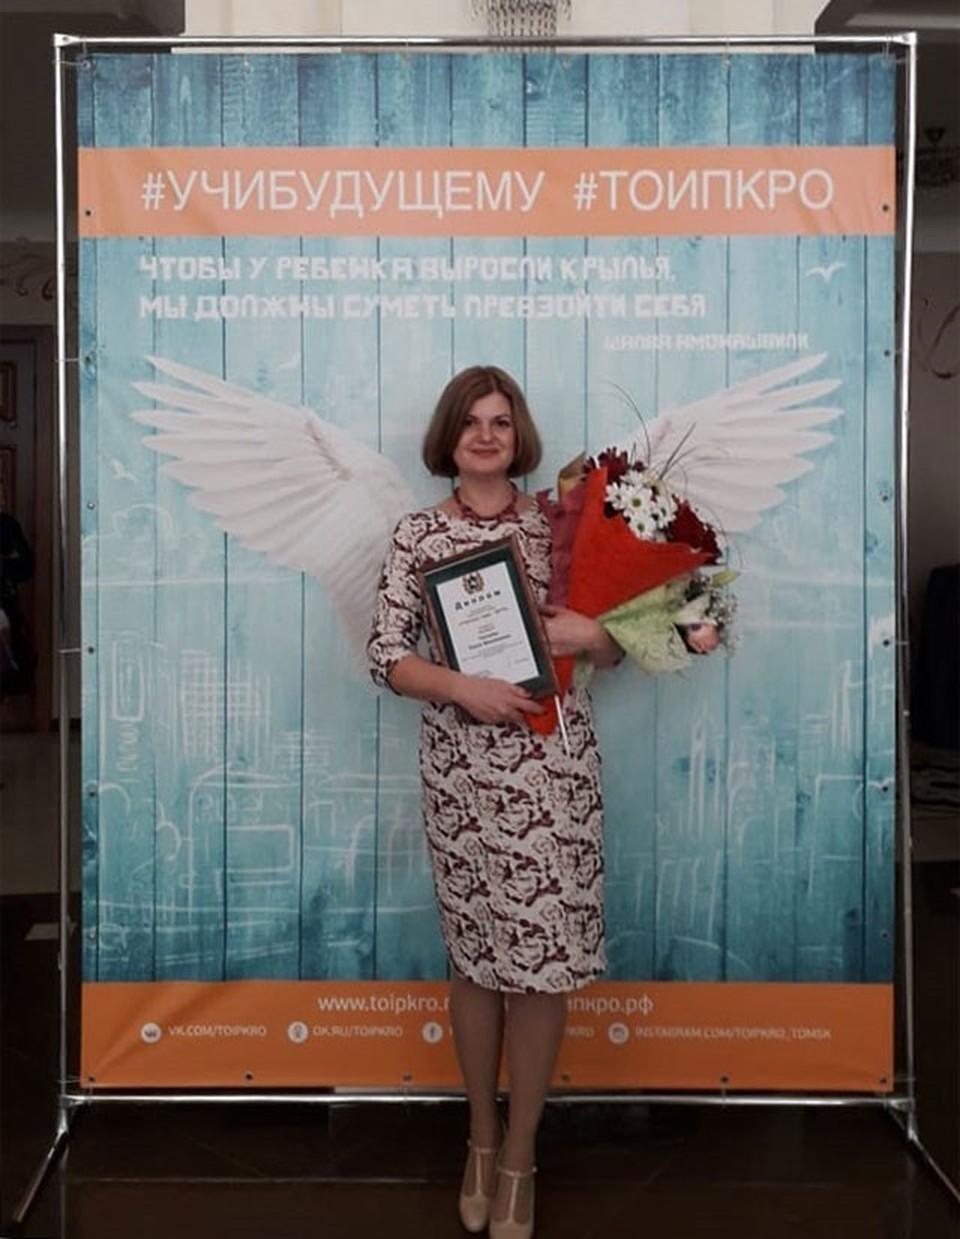 Педагог из Бакчара Елена Таскаева приглашена на церемонию награждения, которая пройдет в Москве в феврале.